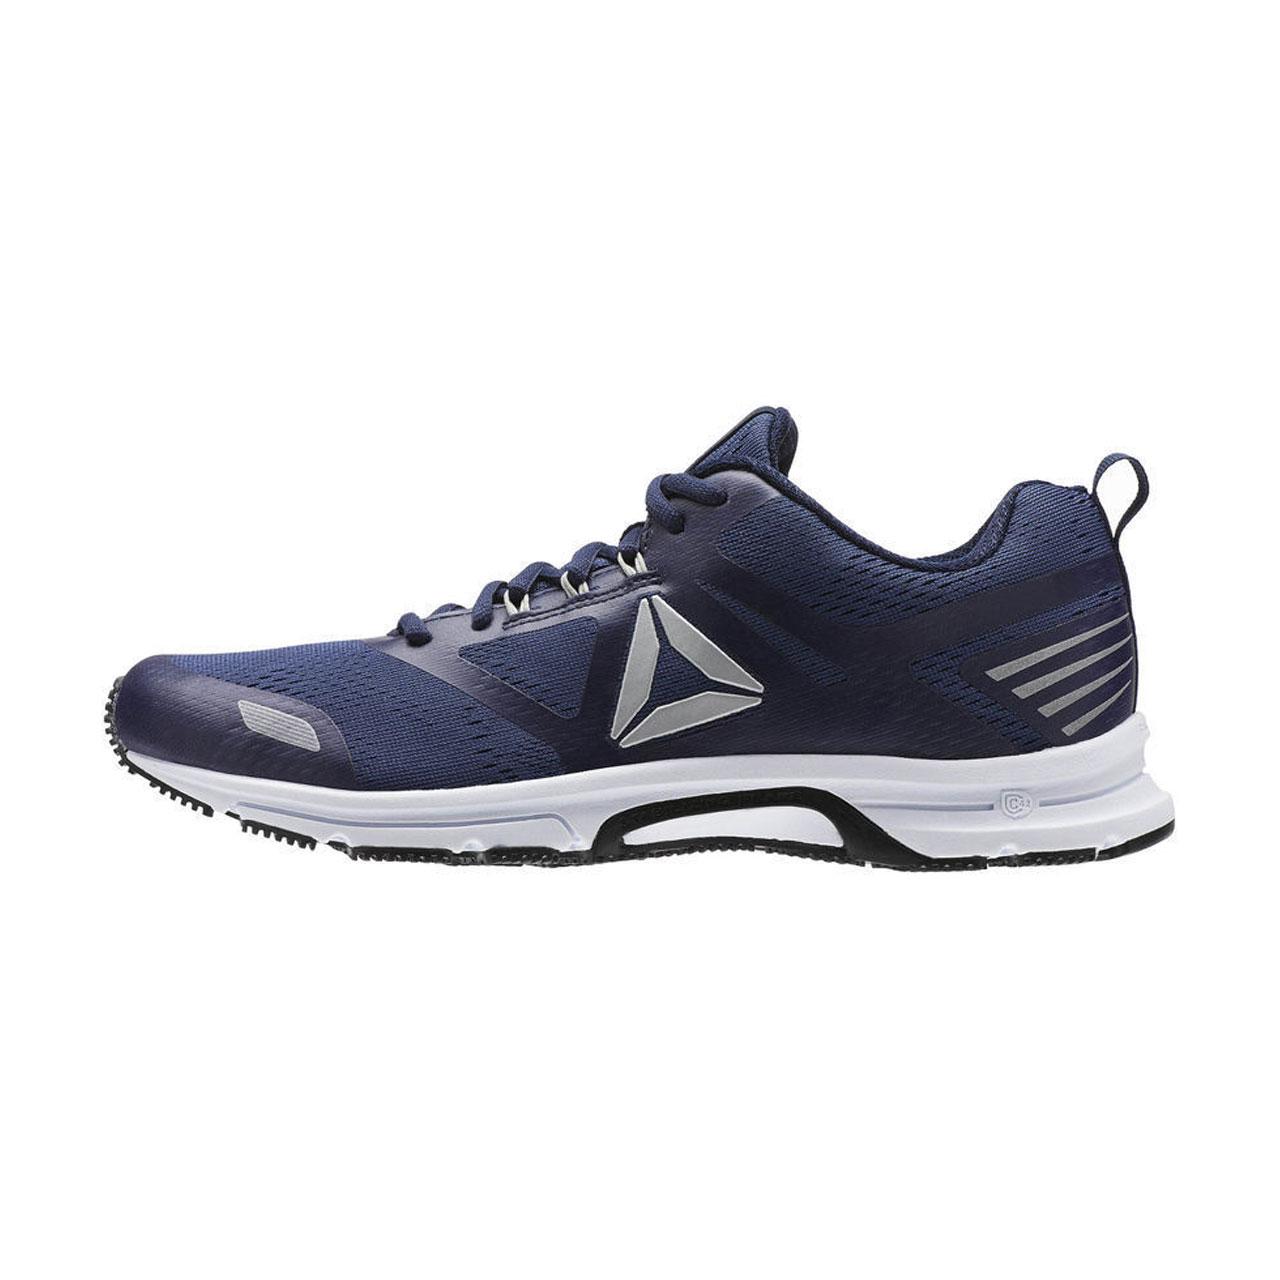 قیمت کفش مخصوص دویدن مردانه ریباک مدل Ahary